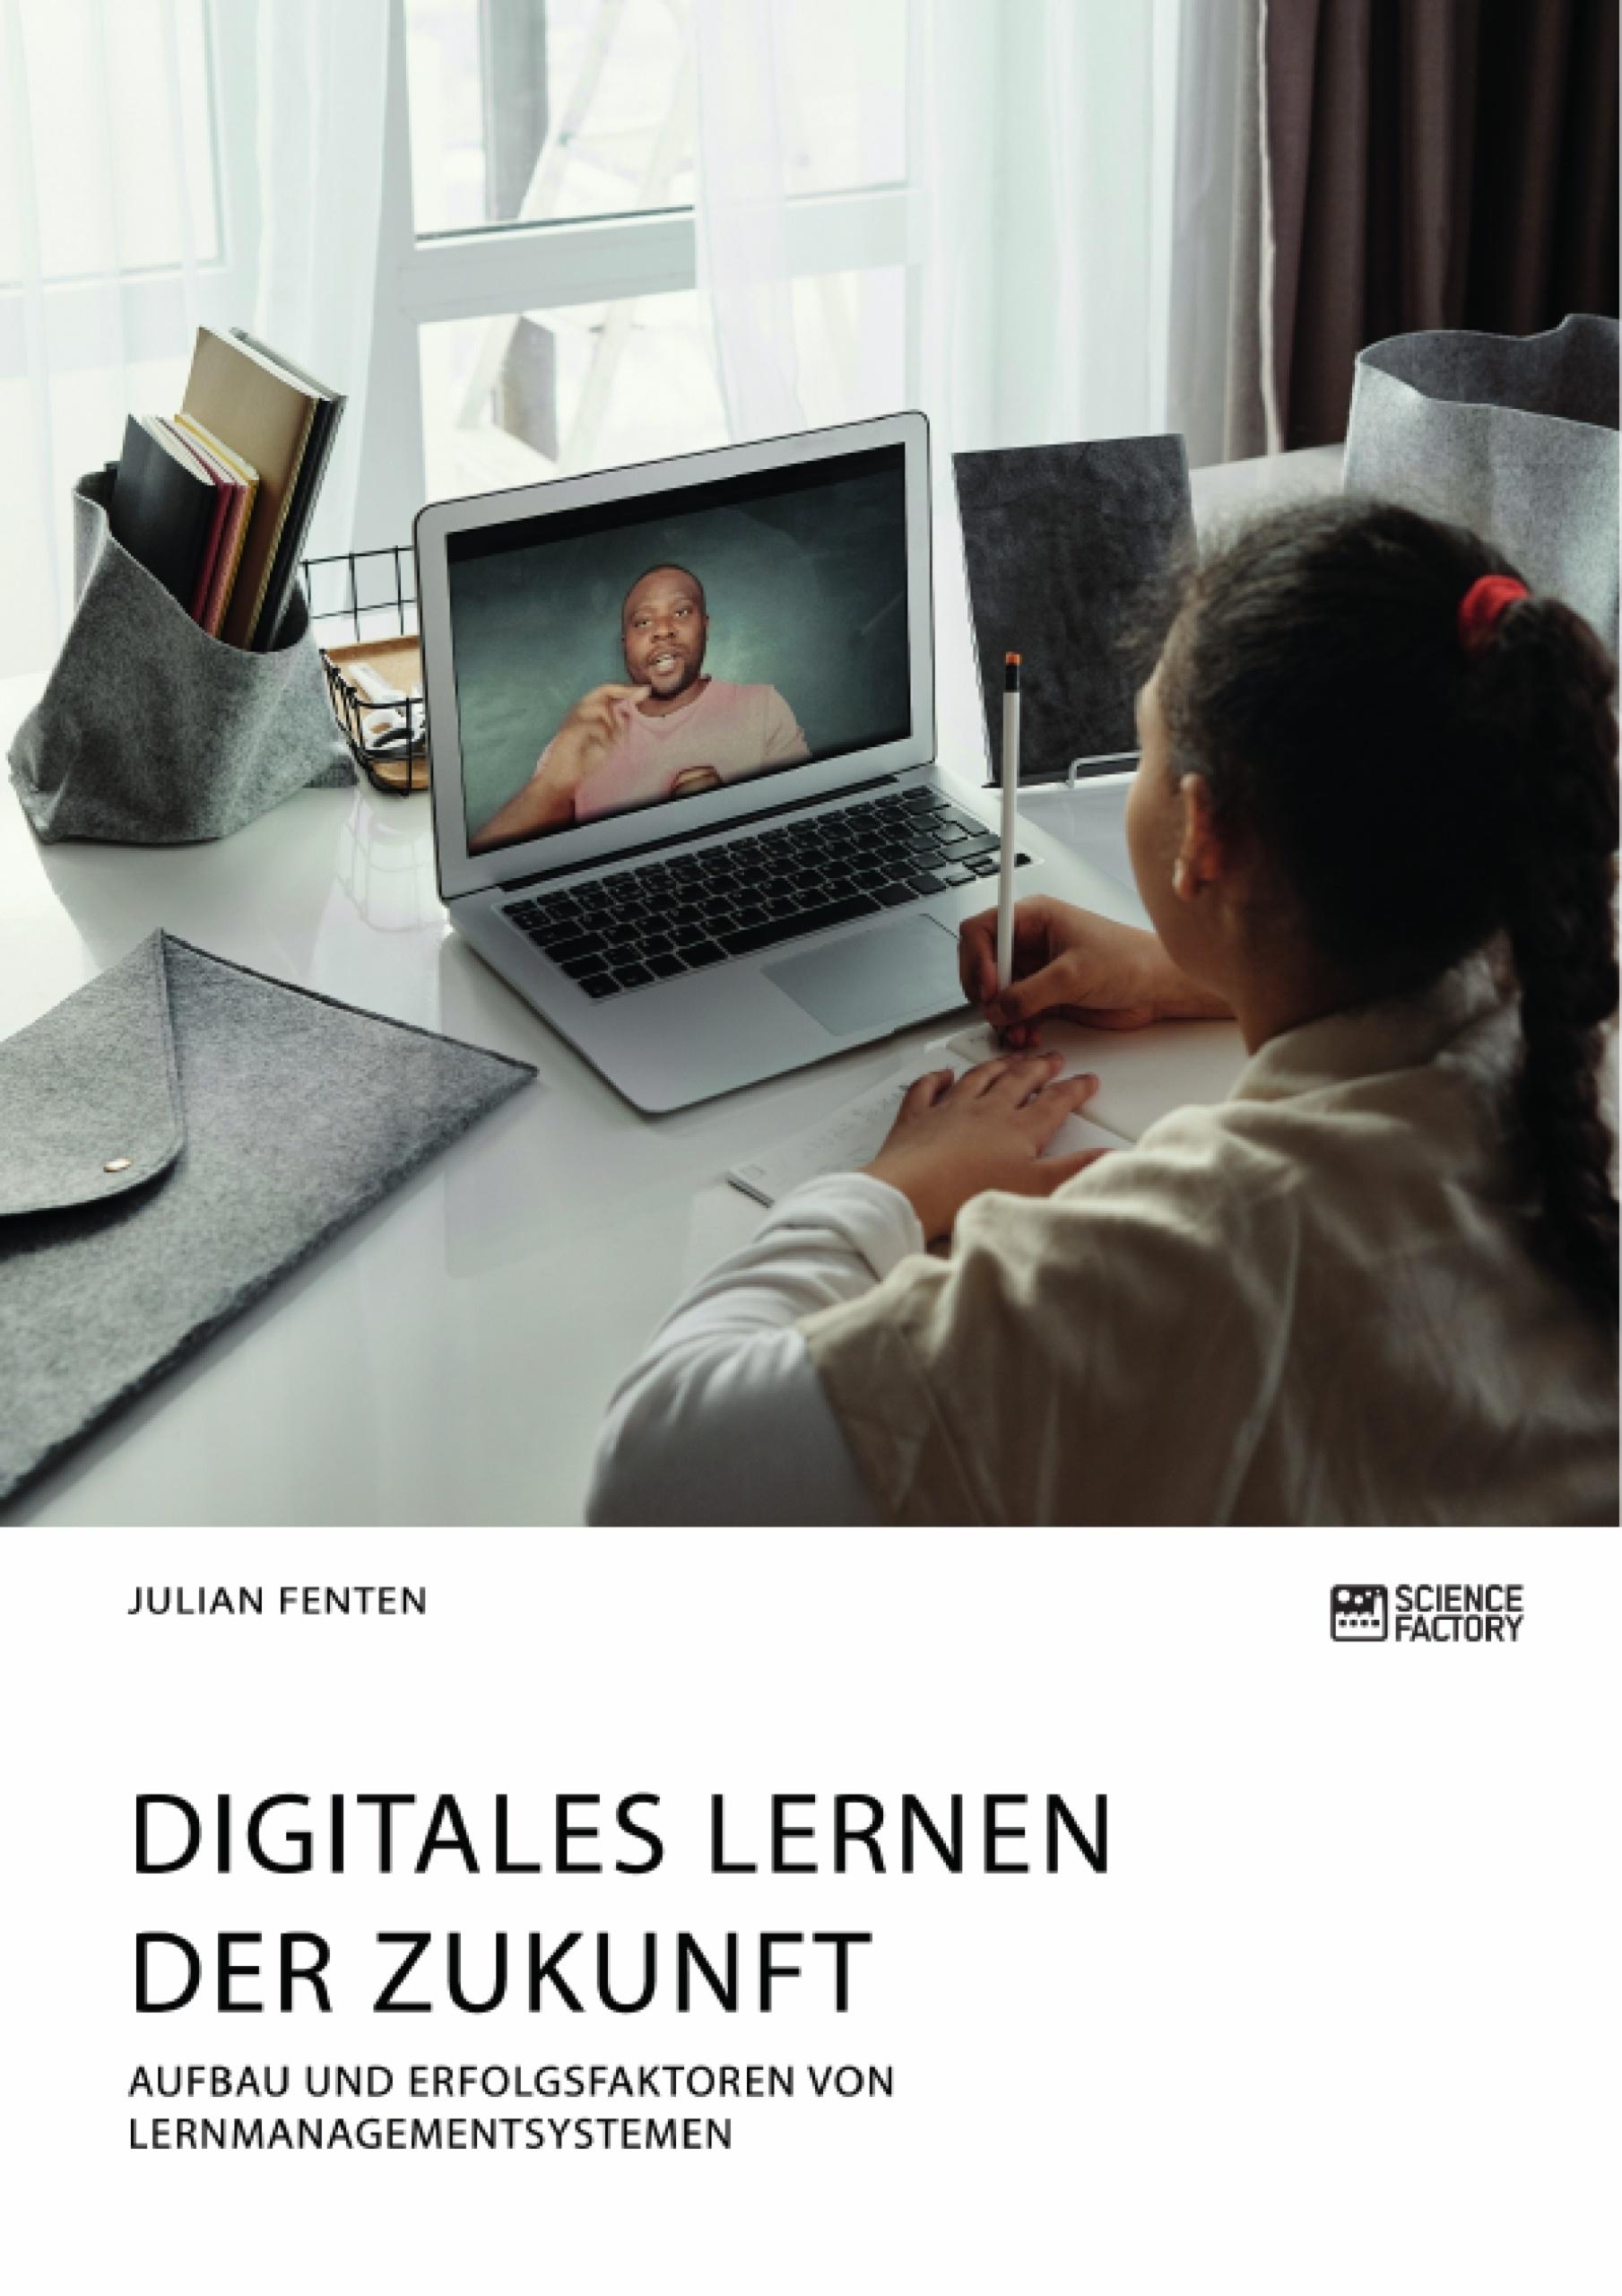 Titel: Digitales Lernen der Zukunft. Aufbau und Erfolgsfaktoren von Lernmanagementsystemen